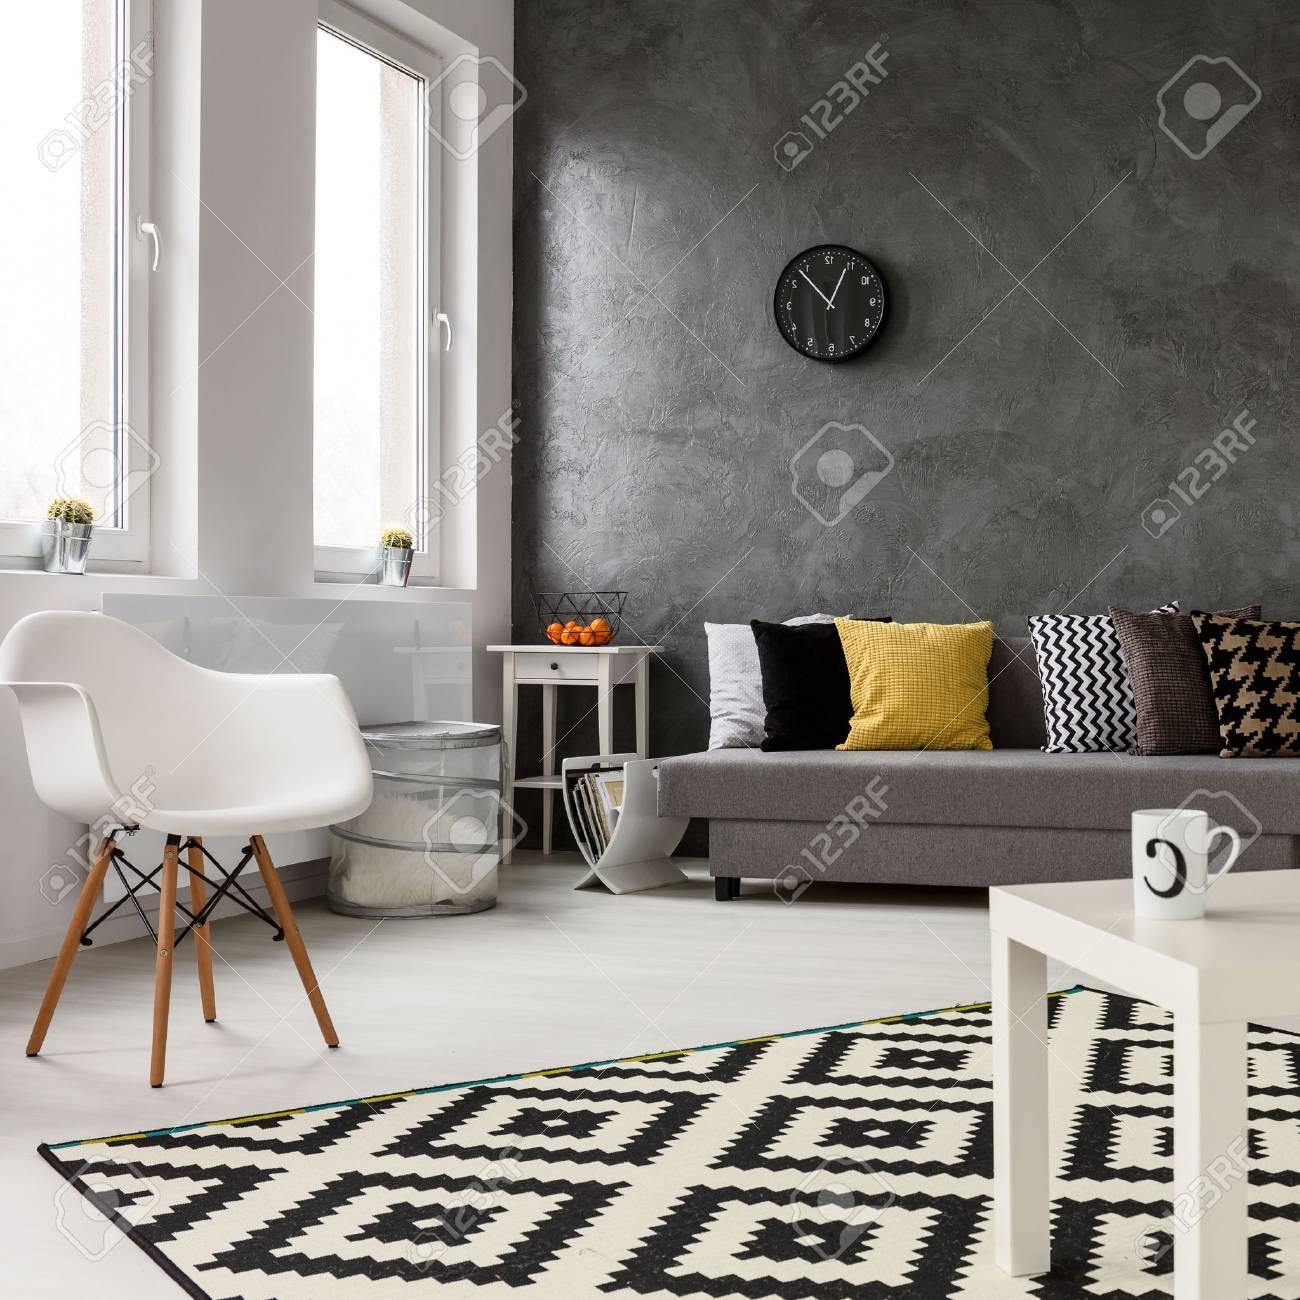 Salon Spacieux Avec Un Design Elegant Moderne Avec Des Murs Gris Et Un Parquet En Bois Blanc Sur Le Tapis Du Plancher